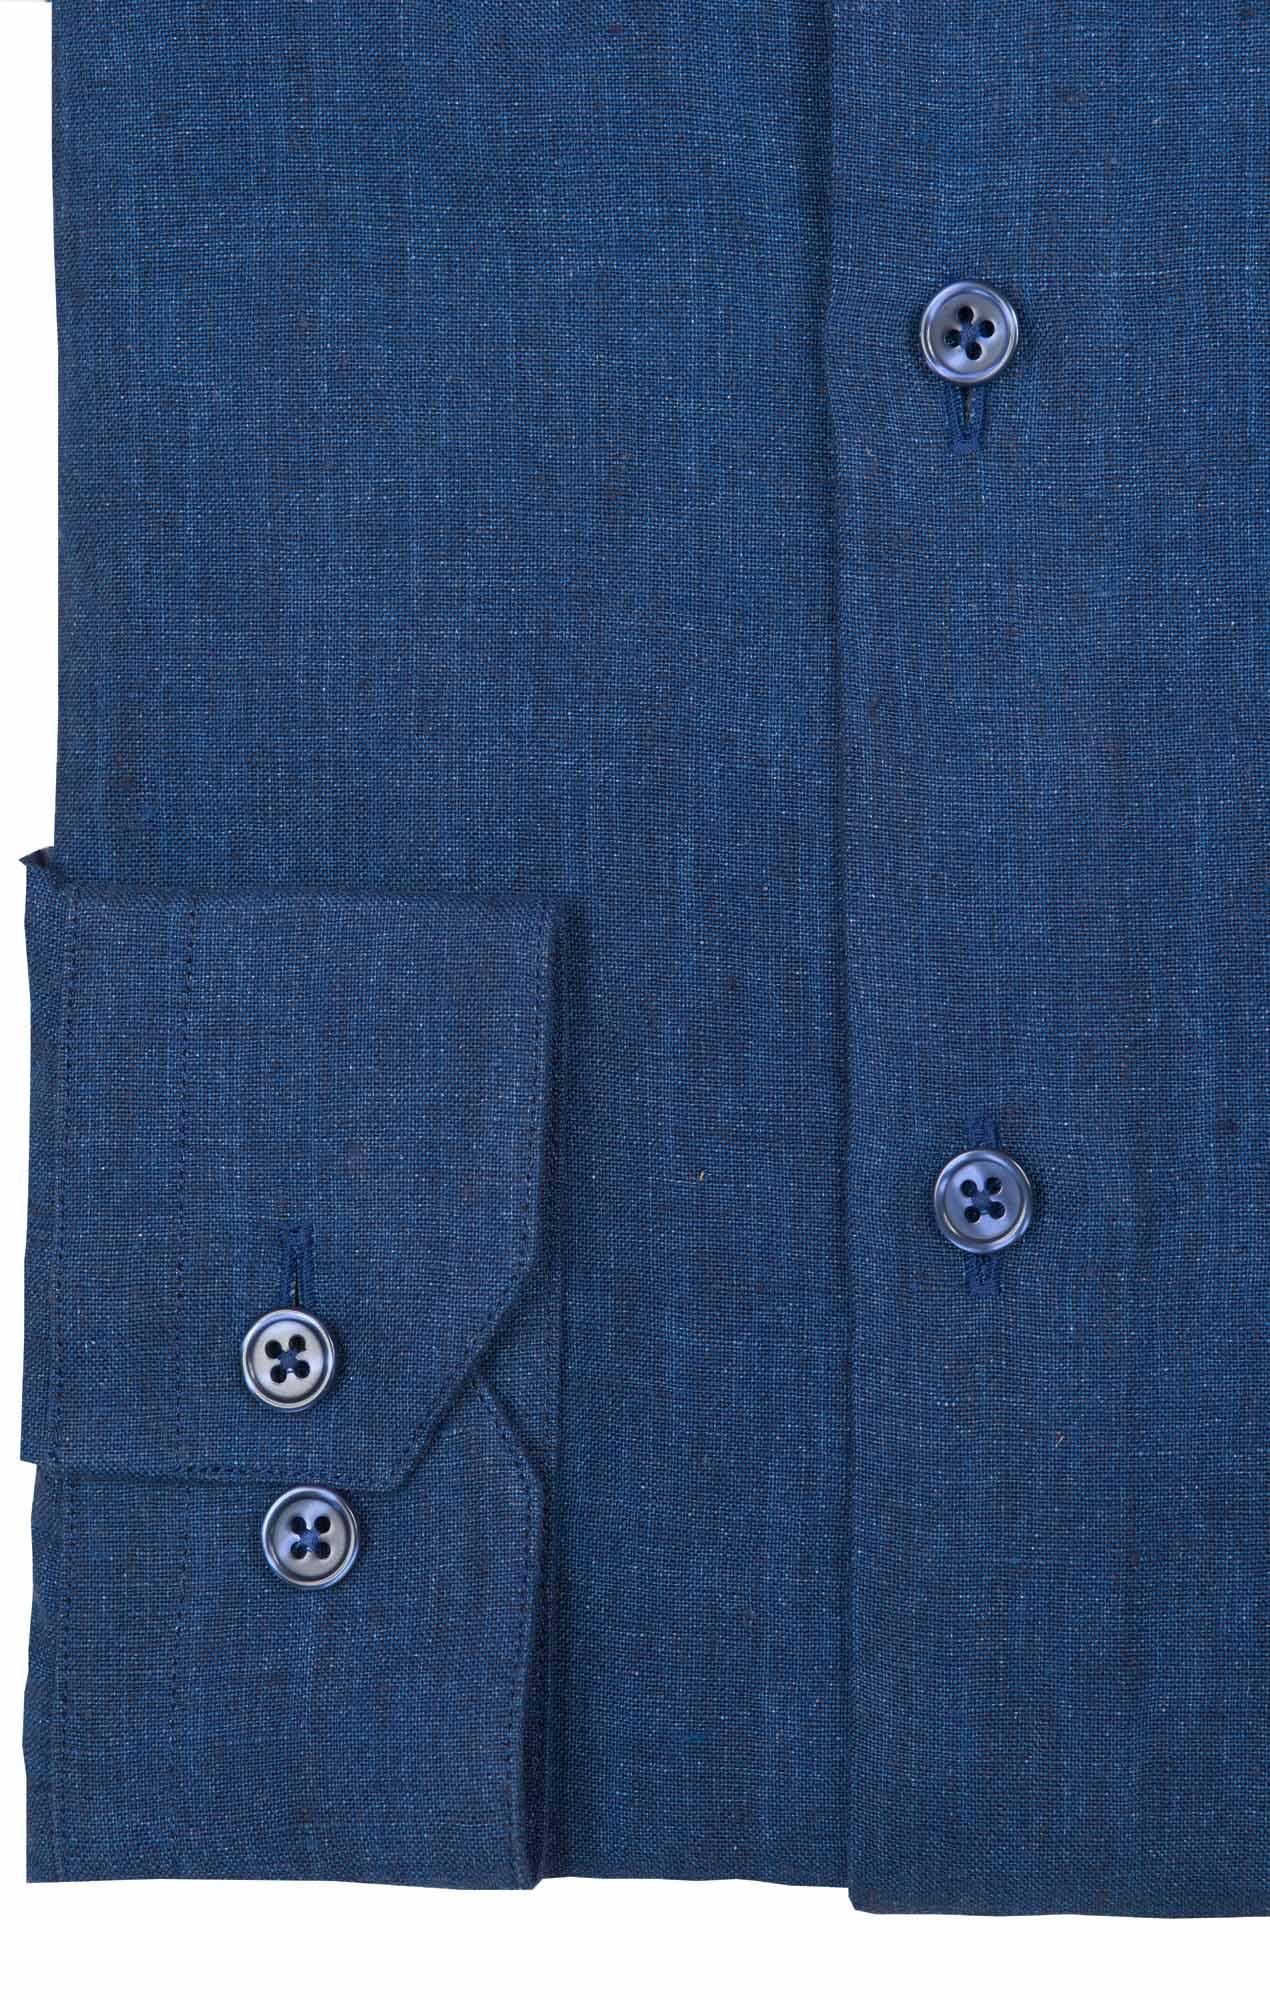 Dark blue linen shirt